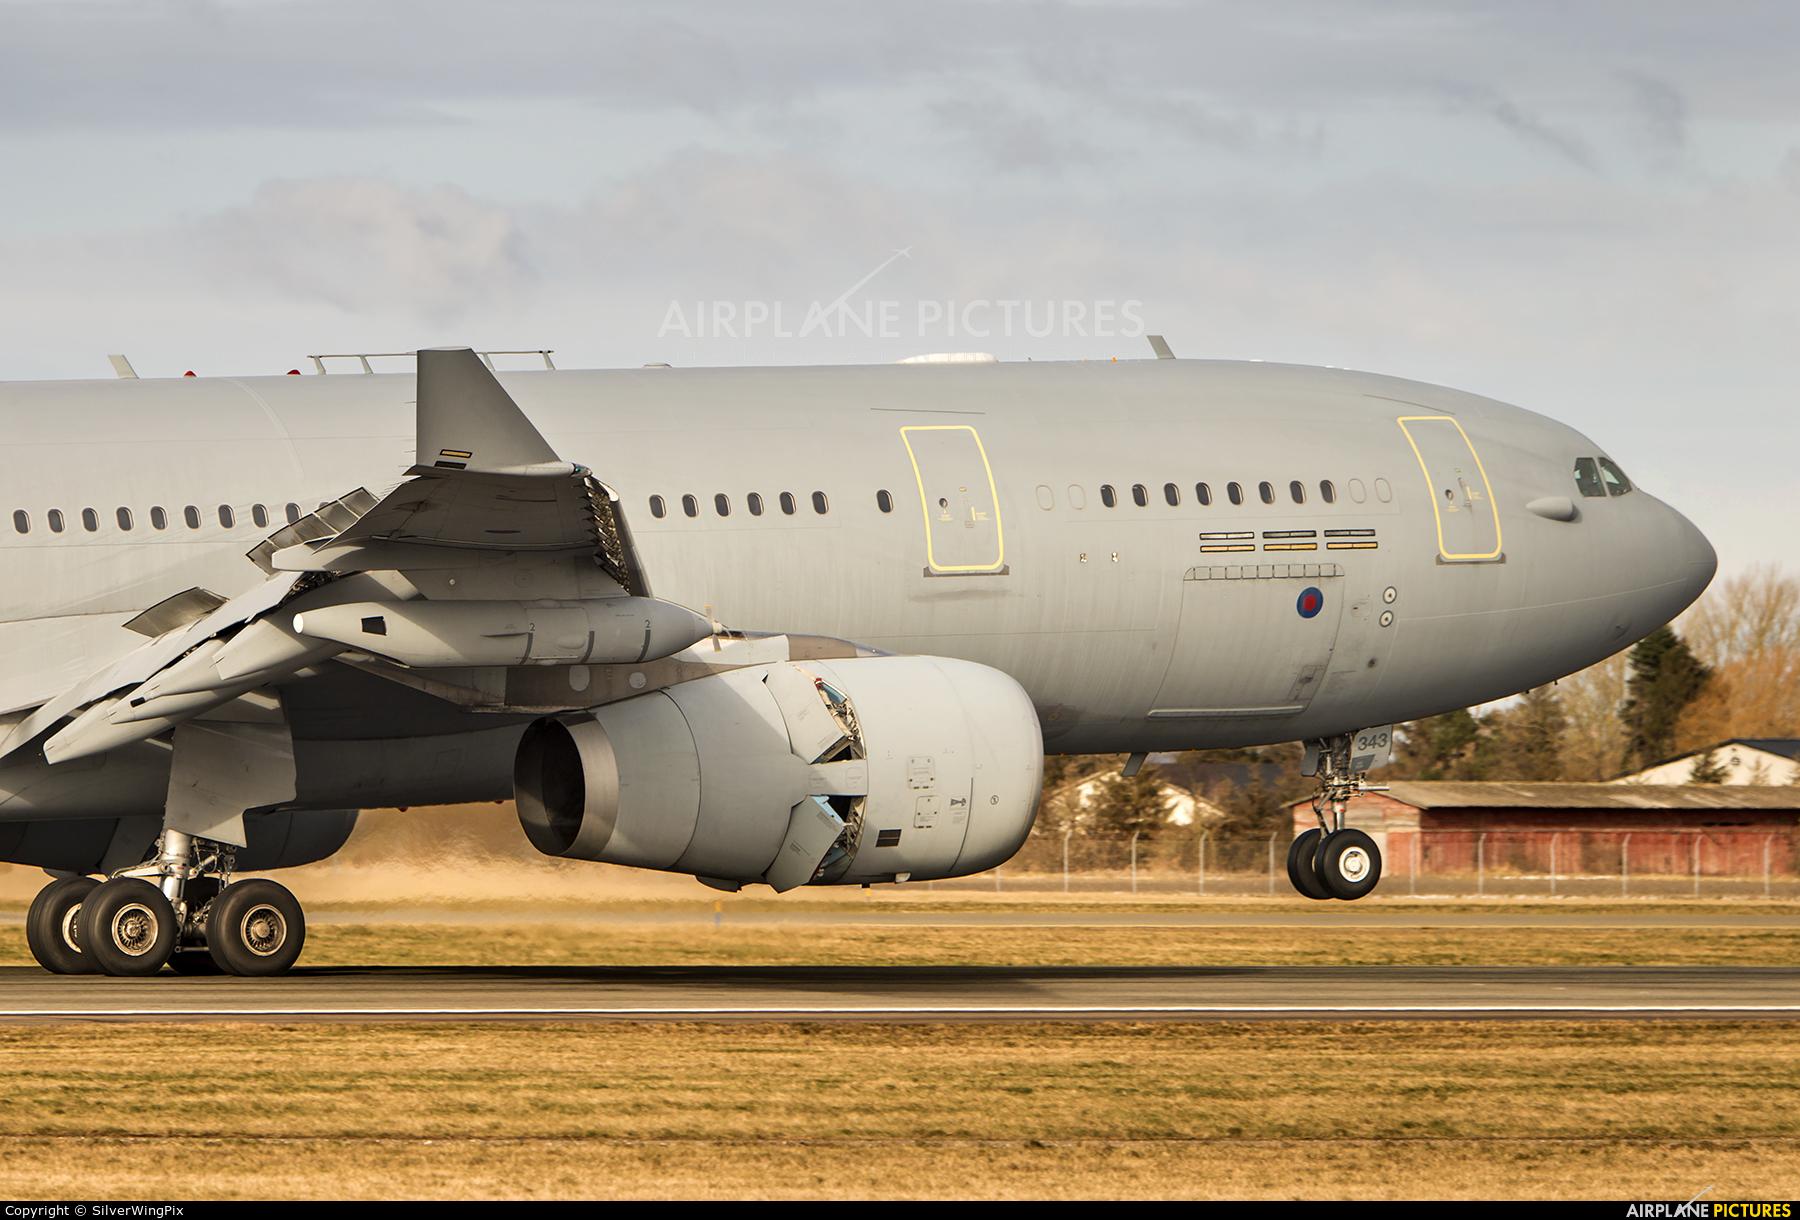 Royal Air Force ZZ343 aircraft at Copenhagen Kastrup